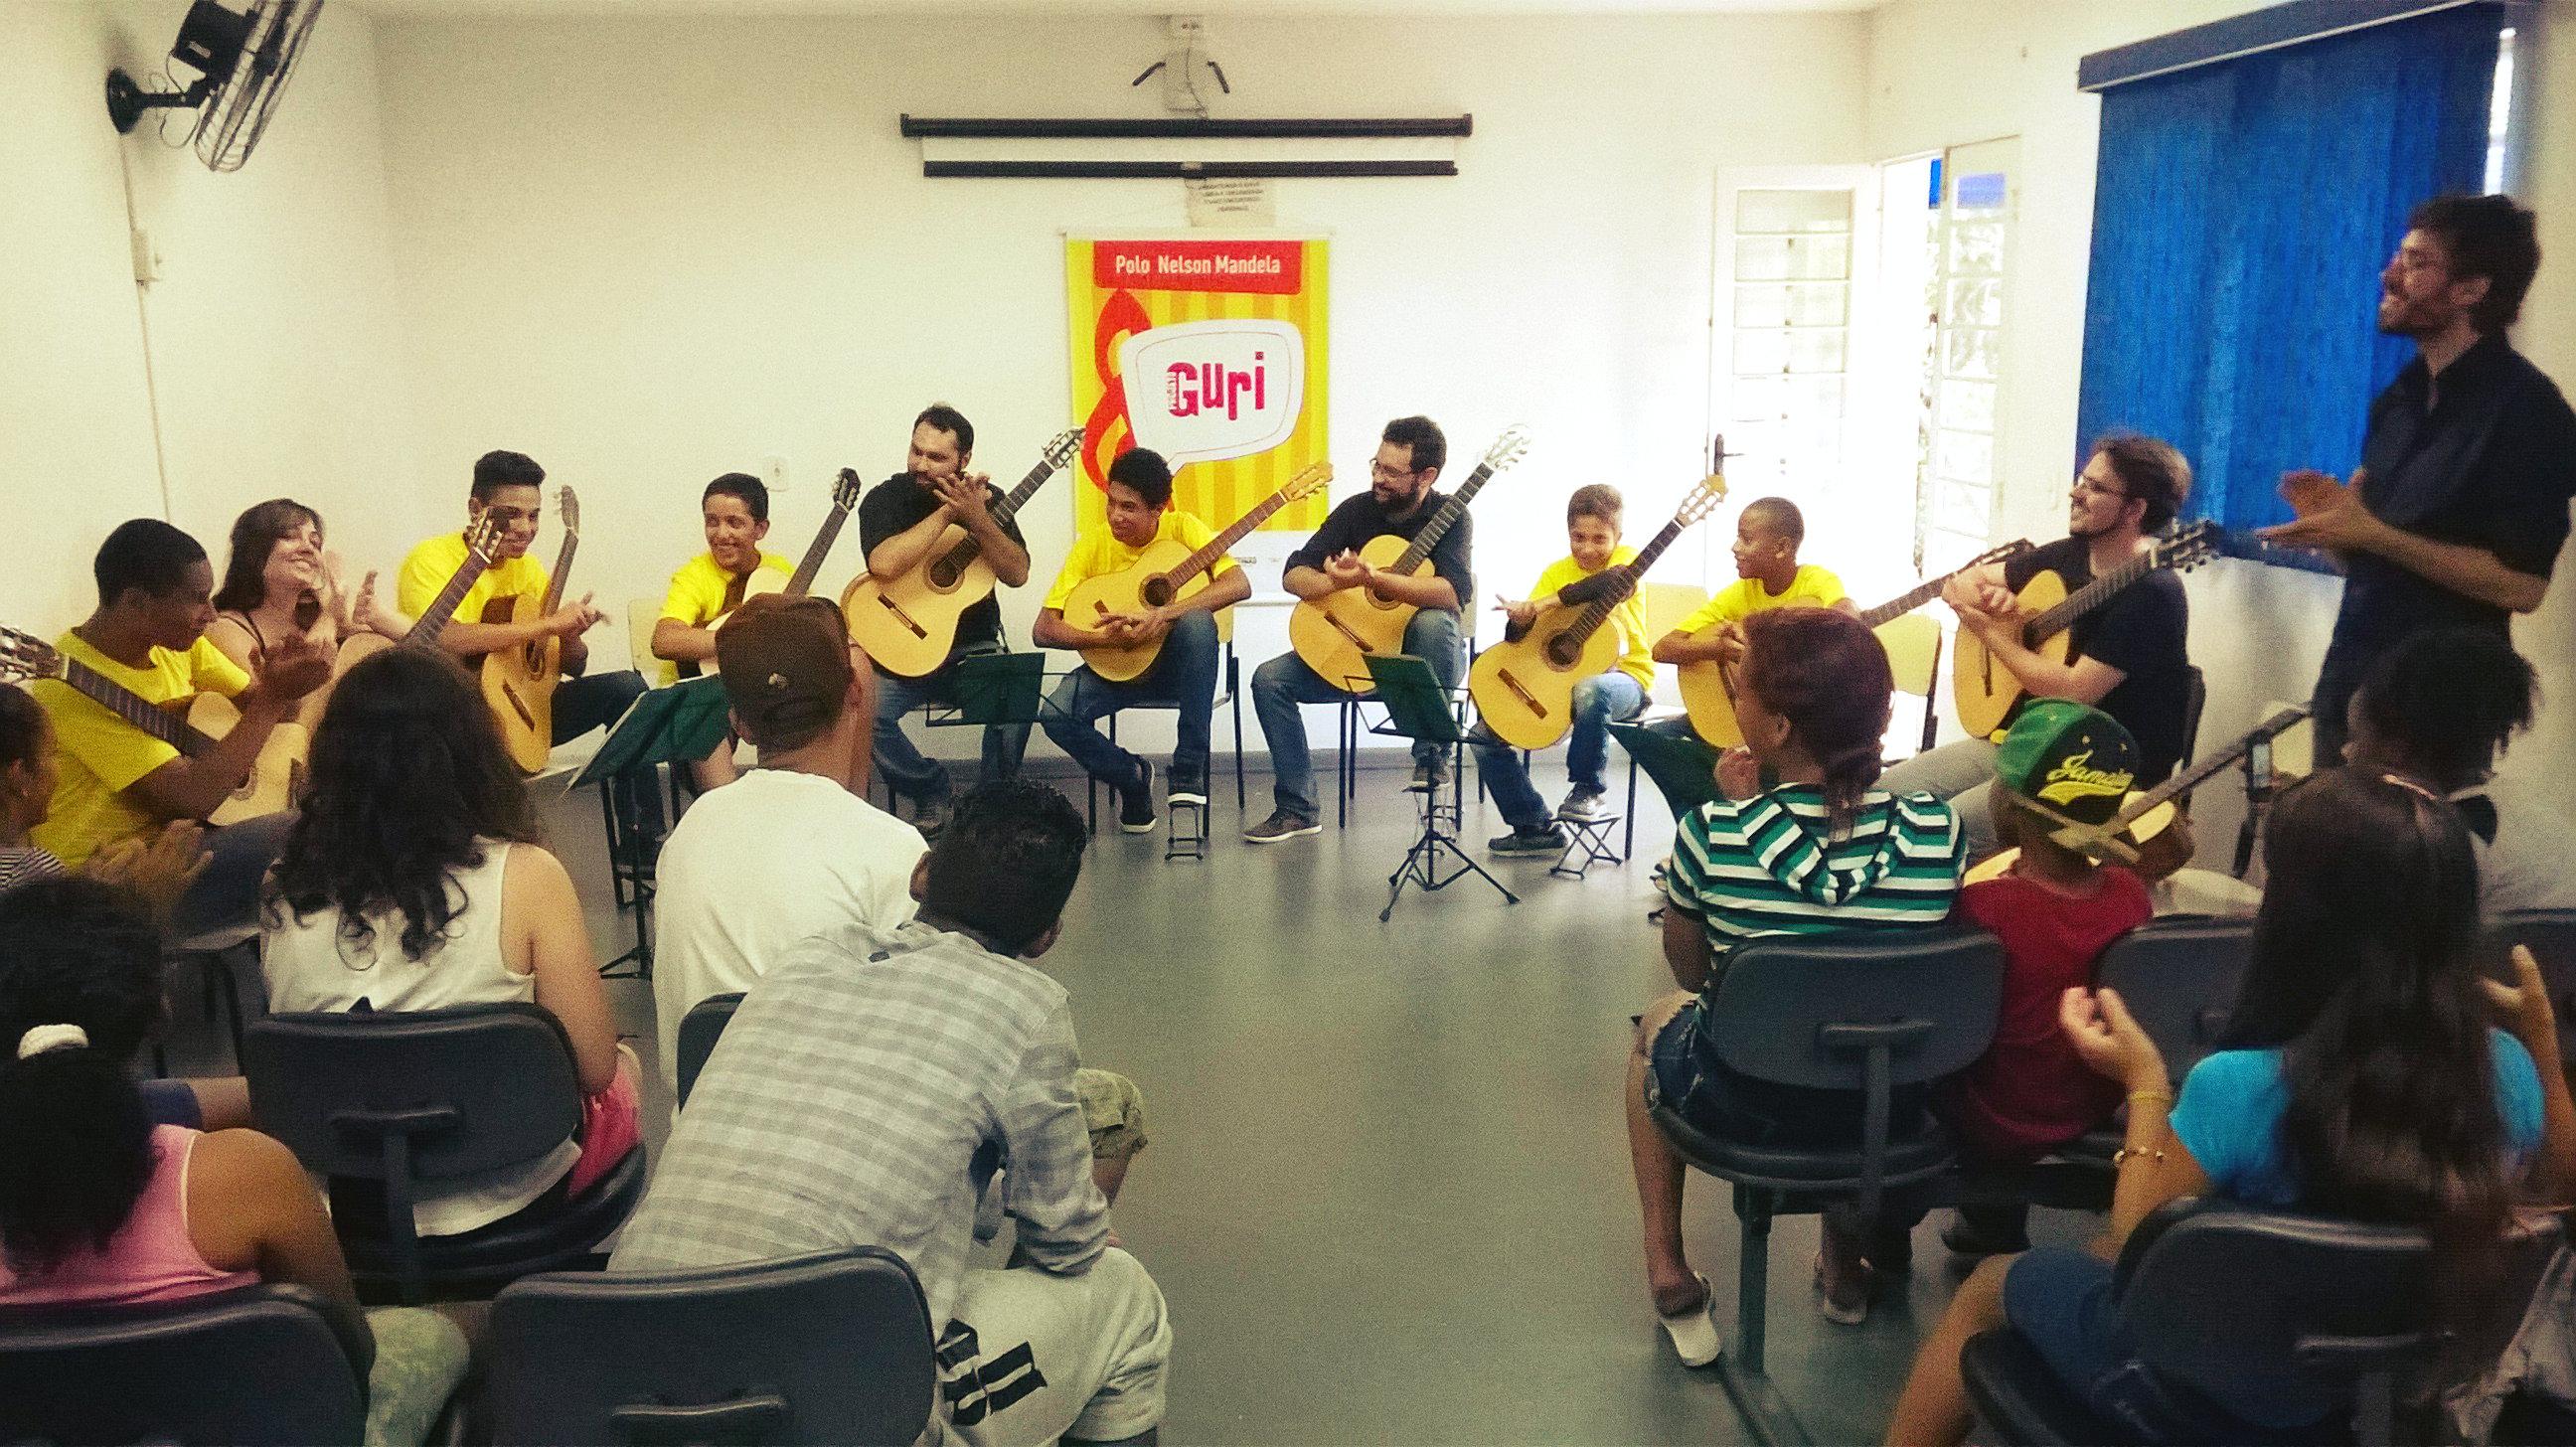 Camerata de Campinas com alunos do Projeto Guri